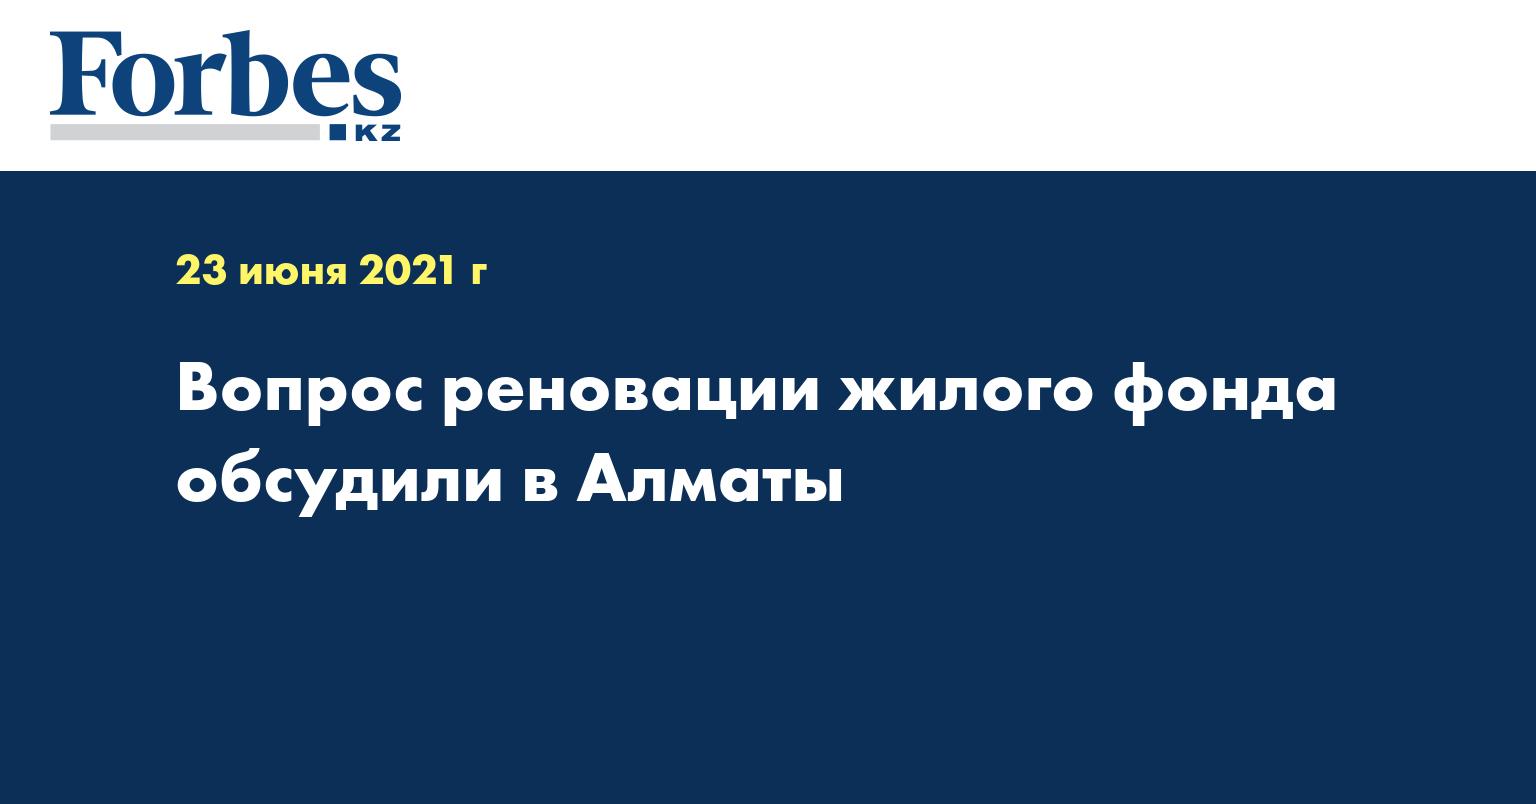 Вопрос реновации жилого фонда обсудили в Алматы